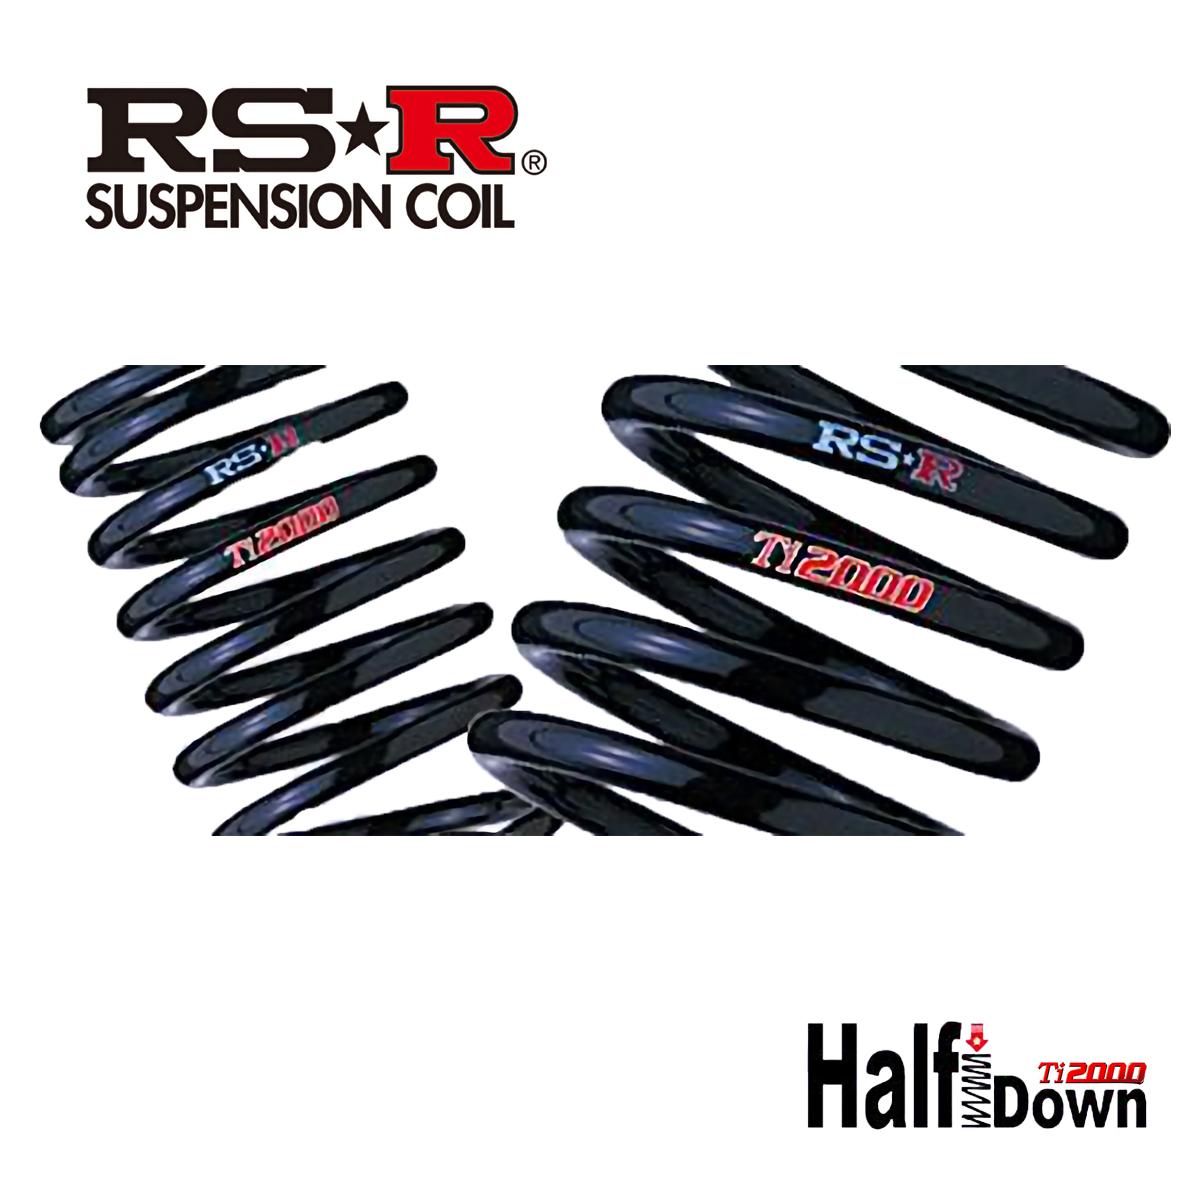 RS-R CX-5 CX5 KF2P XD プロアクティブ ダウンサス スプリング 1台分 M502THD Ti2000 ハーフダウン RSR 個人宅発送追金有